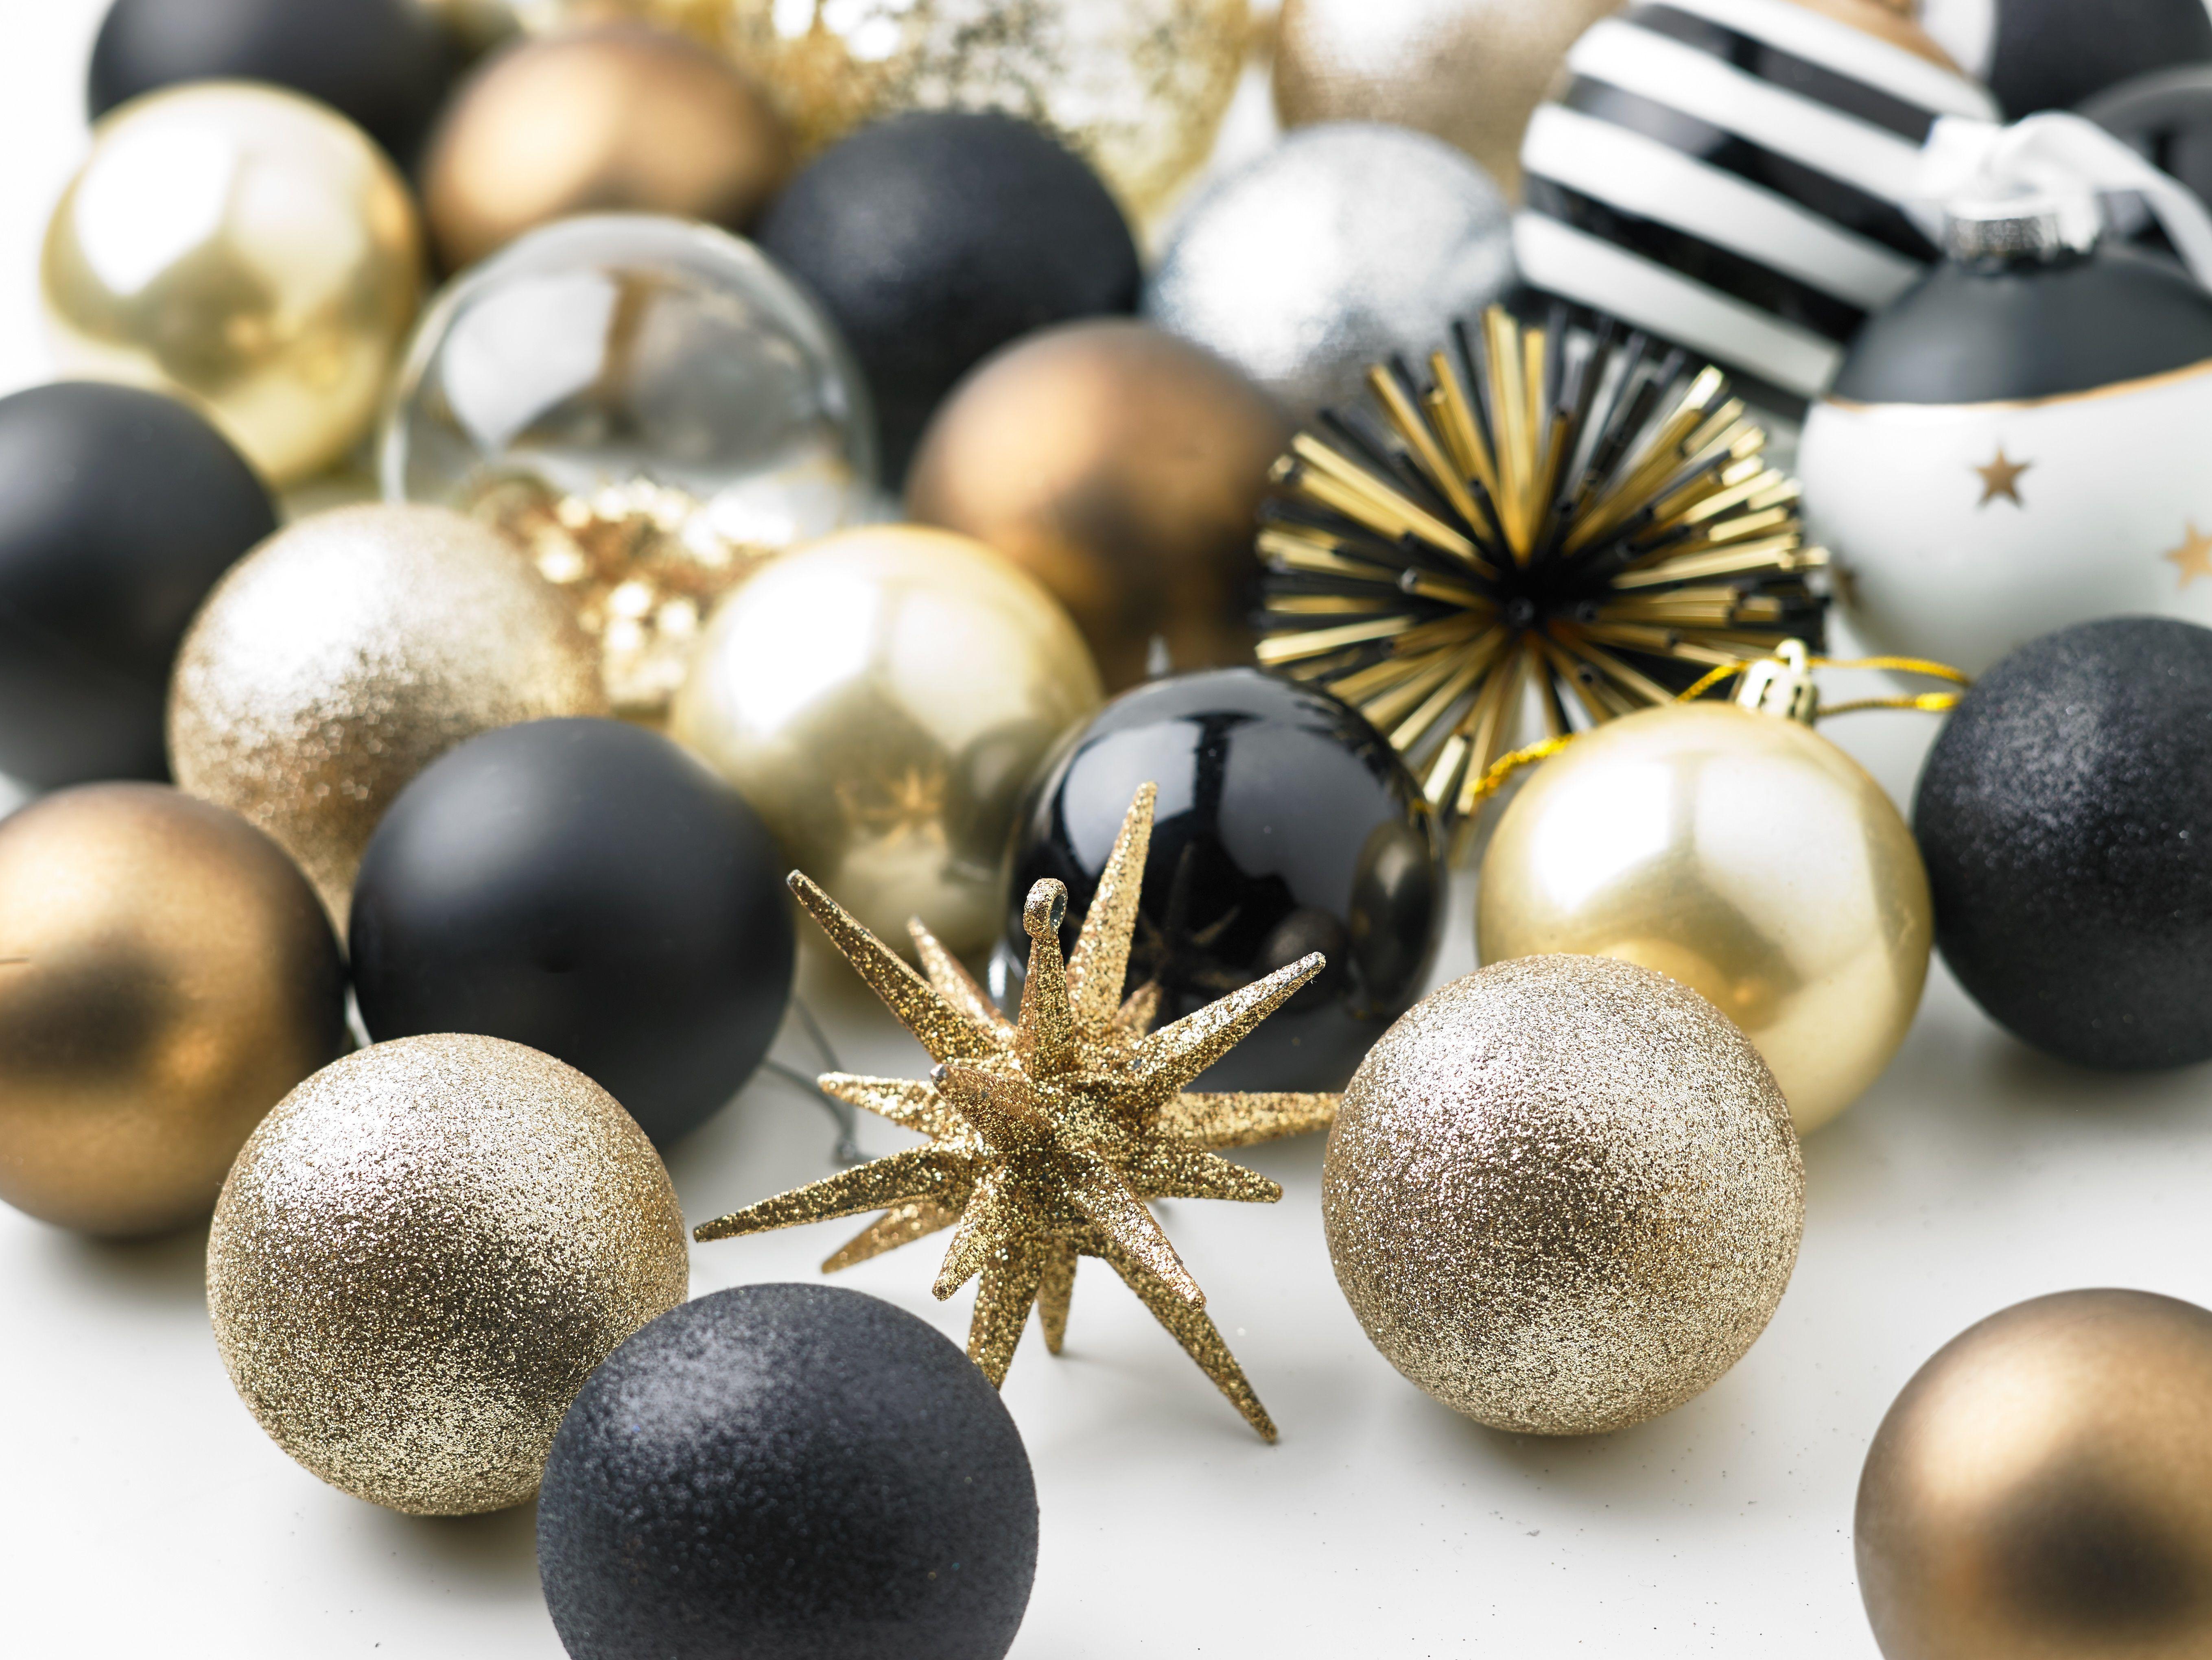 Zwart Wit Kerstdecoraties : Chique combinatie dat zwart wit met goud! : #kwantum #kerst